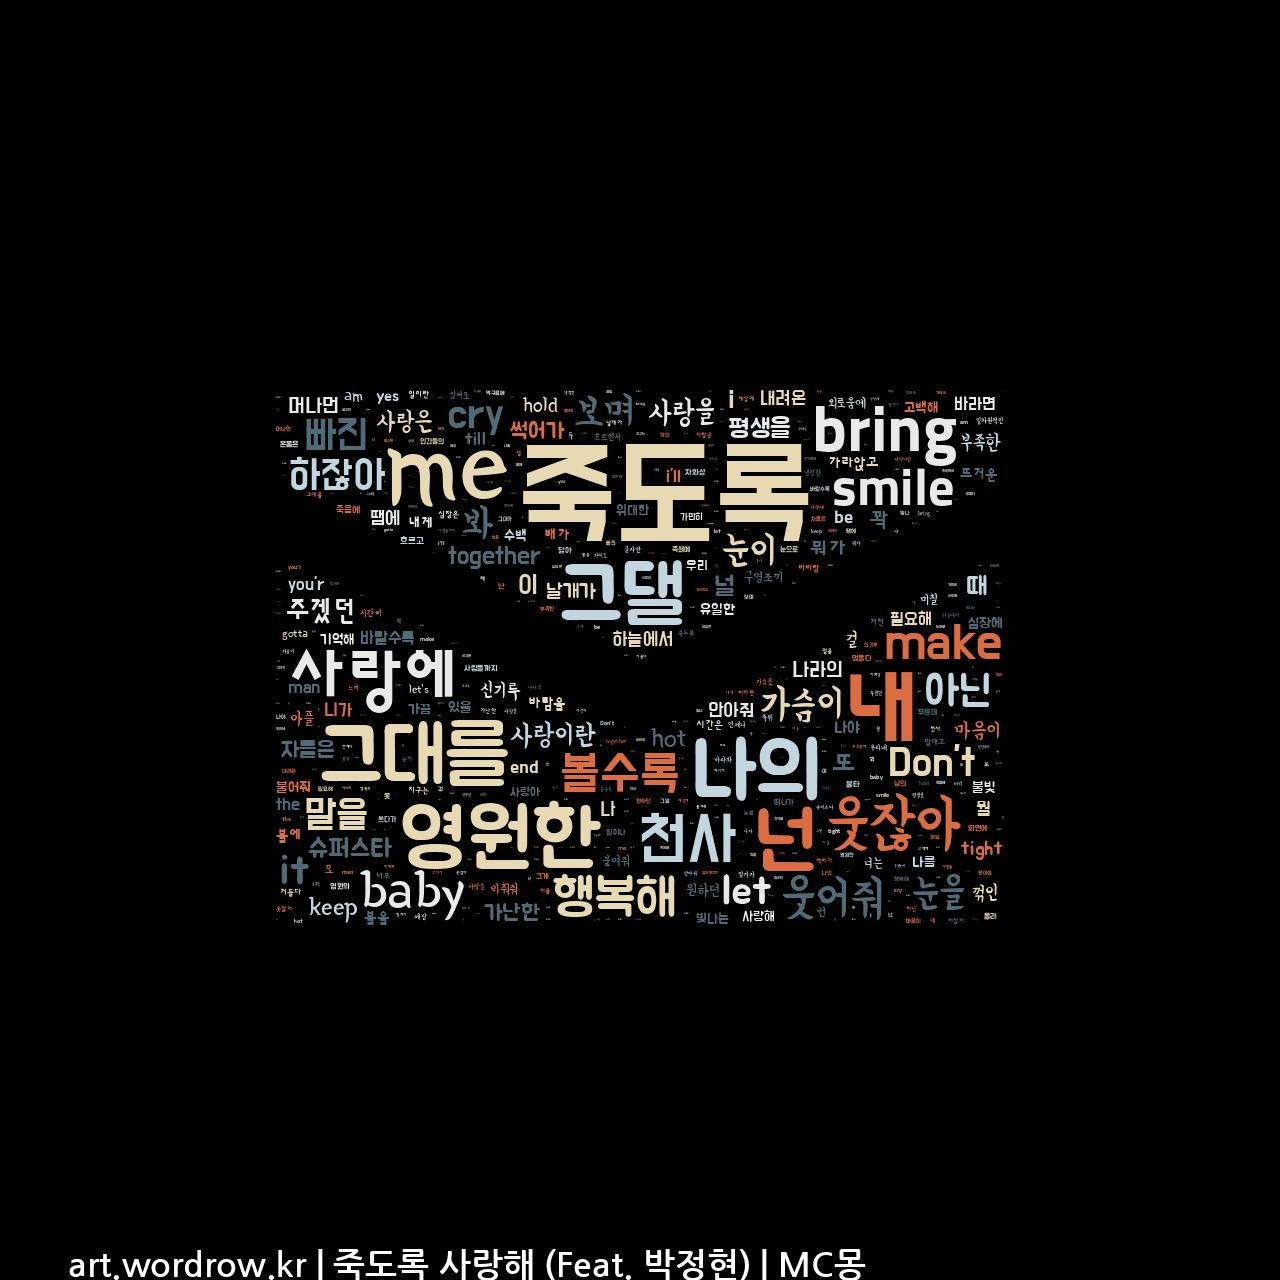 워드 클라우드: 죽도록 사랑해 (Feat. 박정현) [MC몽]-53